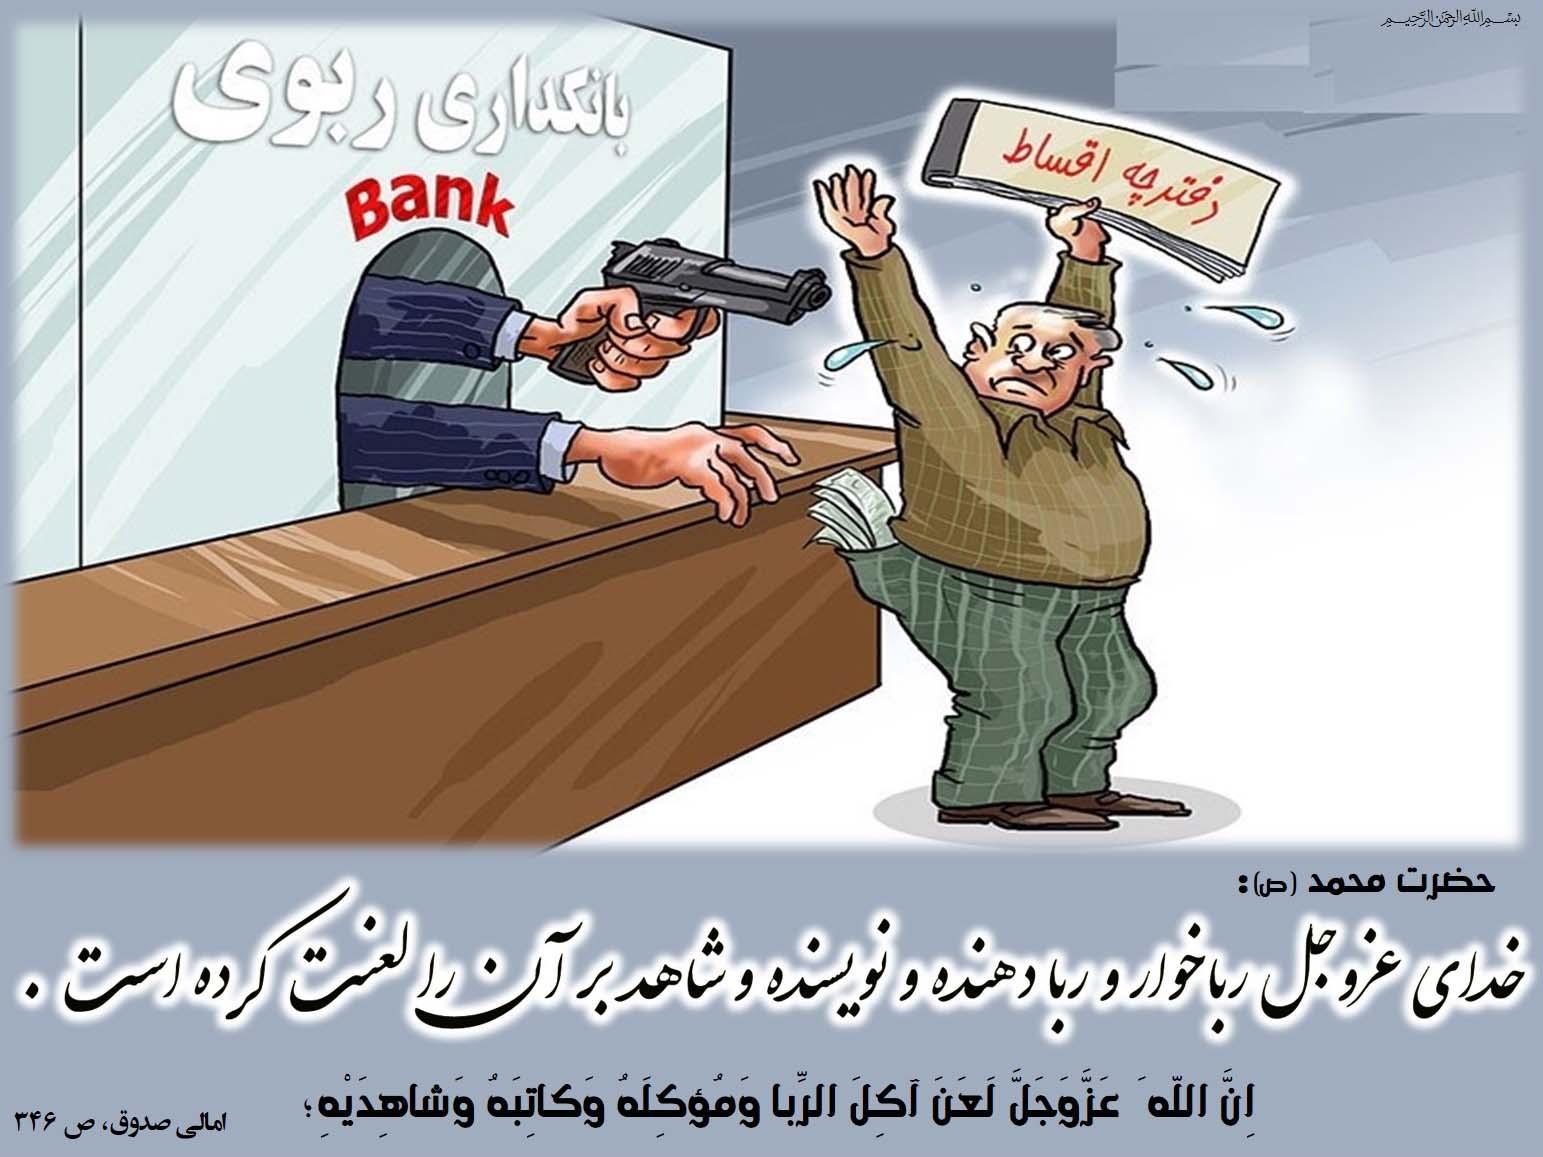 لعنت خدا  بر بانک و بانکداری ربوی